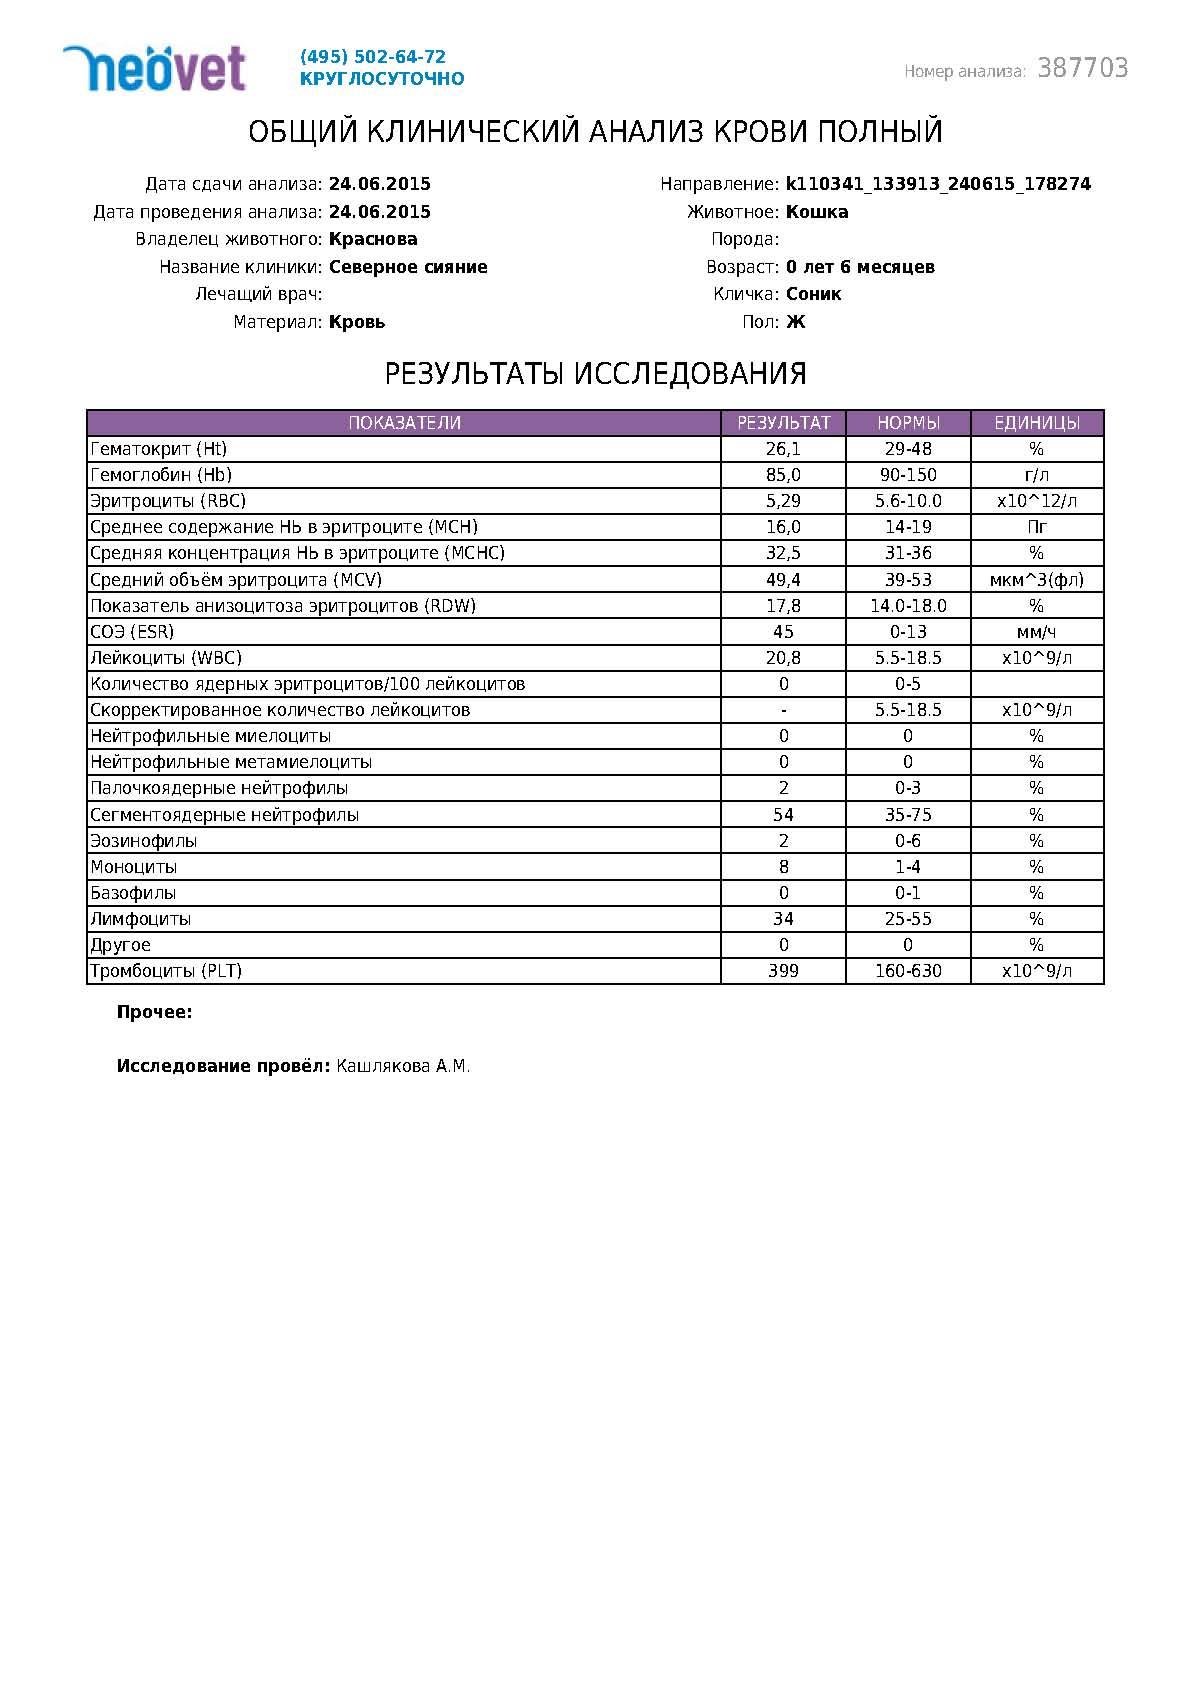 Результаты клинического анализа крови 2 фотография